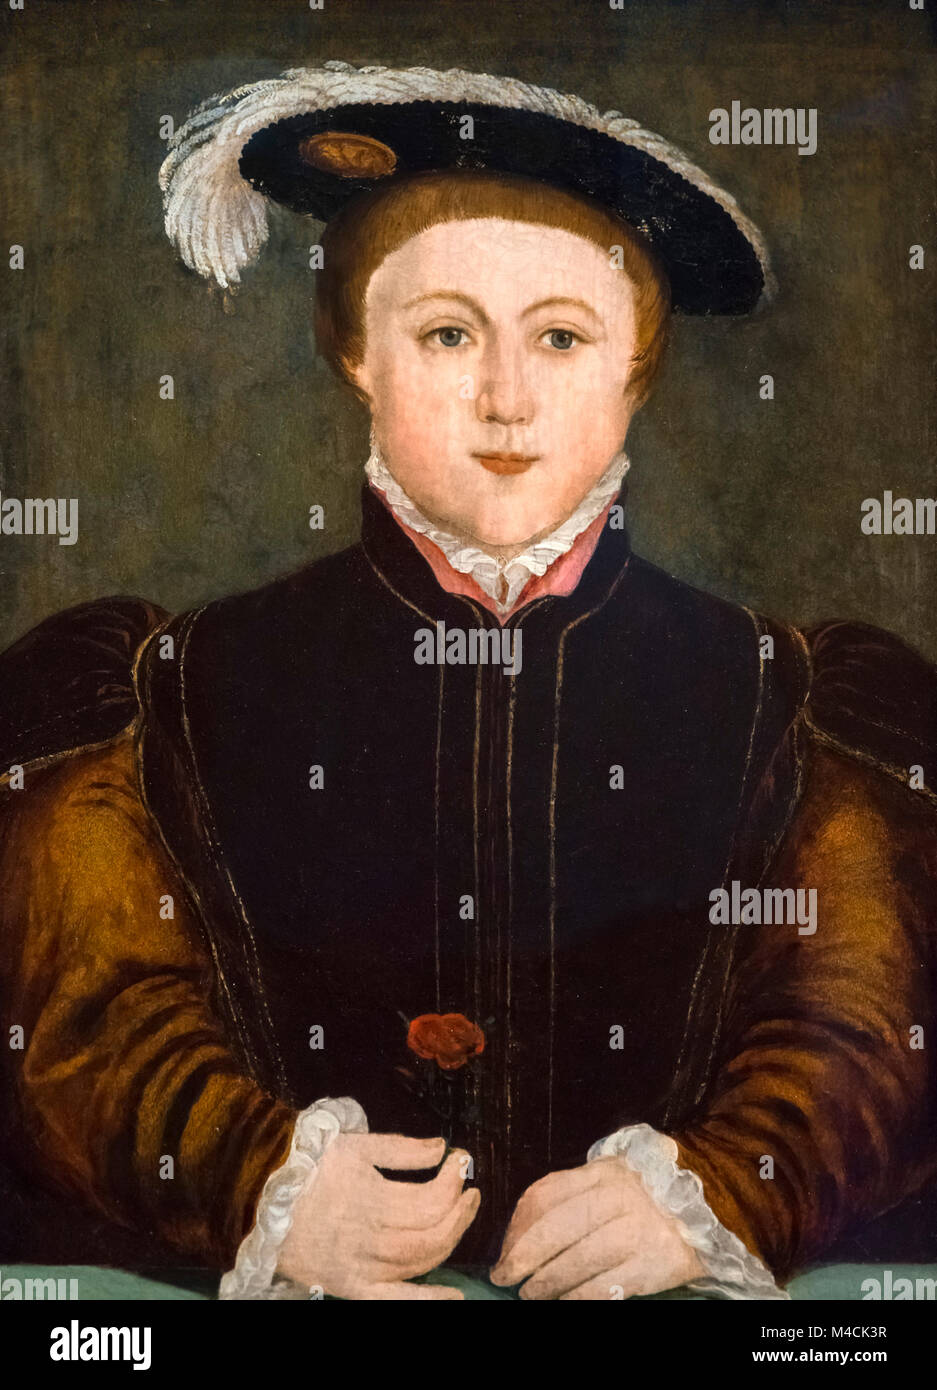 Edward VI. Ritratto di Re Edoardo VI d'Inghilterra (1537-1553), olio su pannello, dopo Hans Holbein, del XVI Immagini Stock